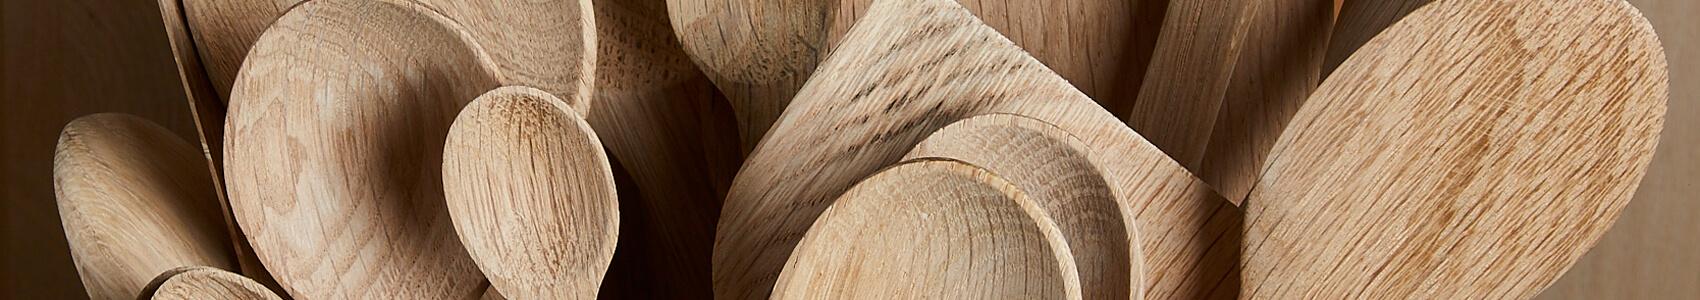 Ustensiles & planches en bois